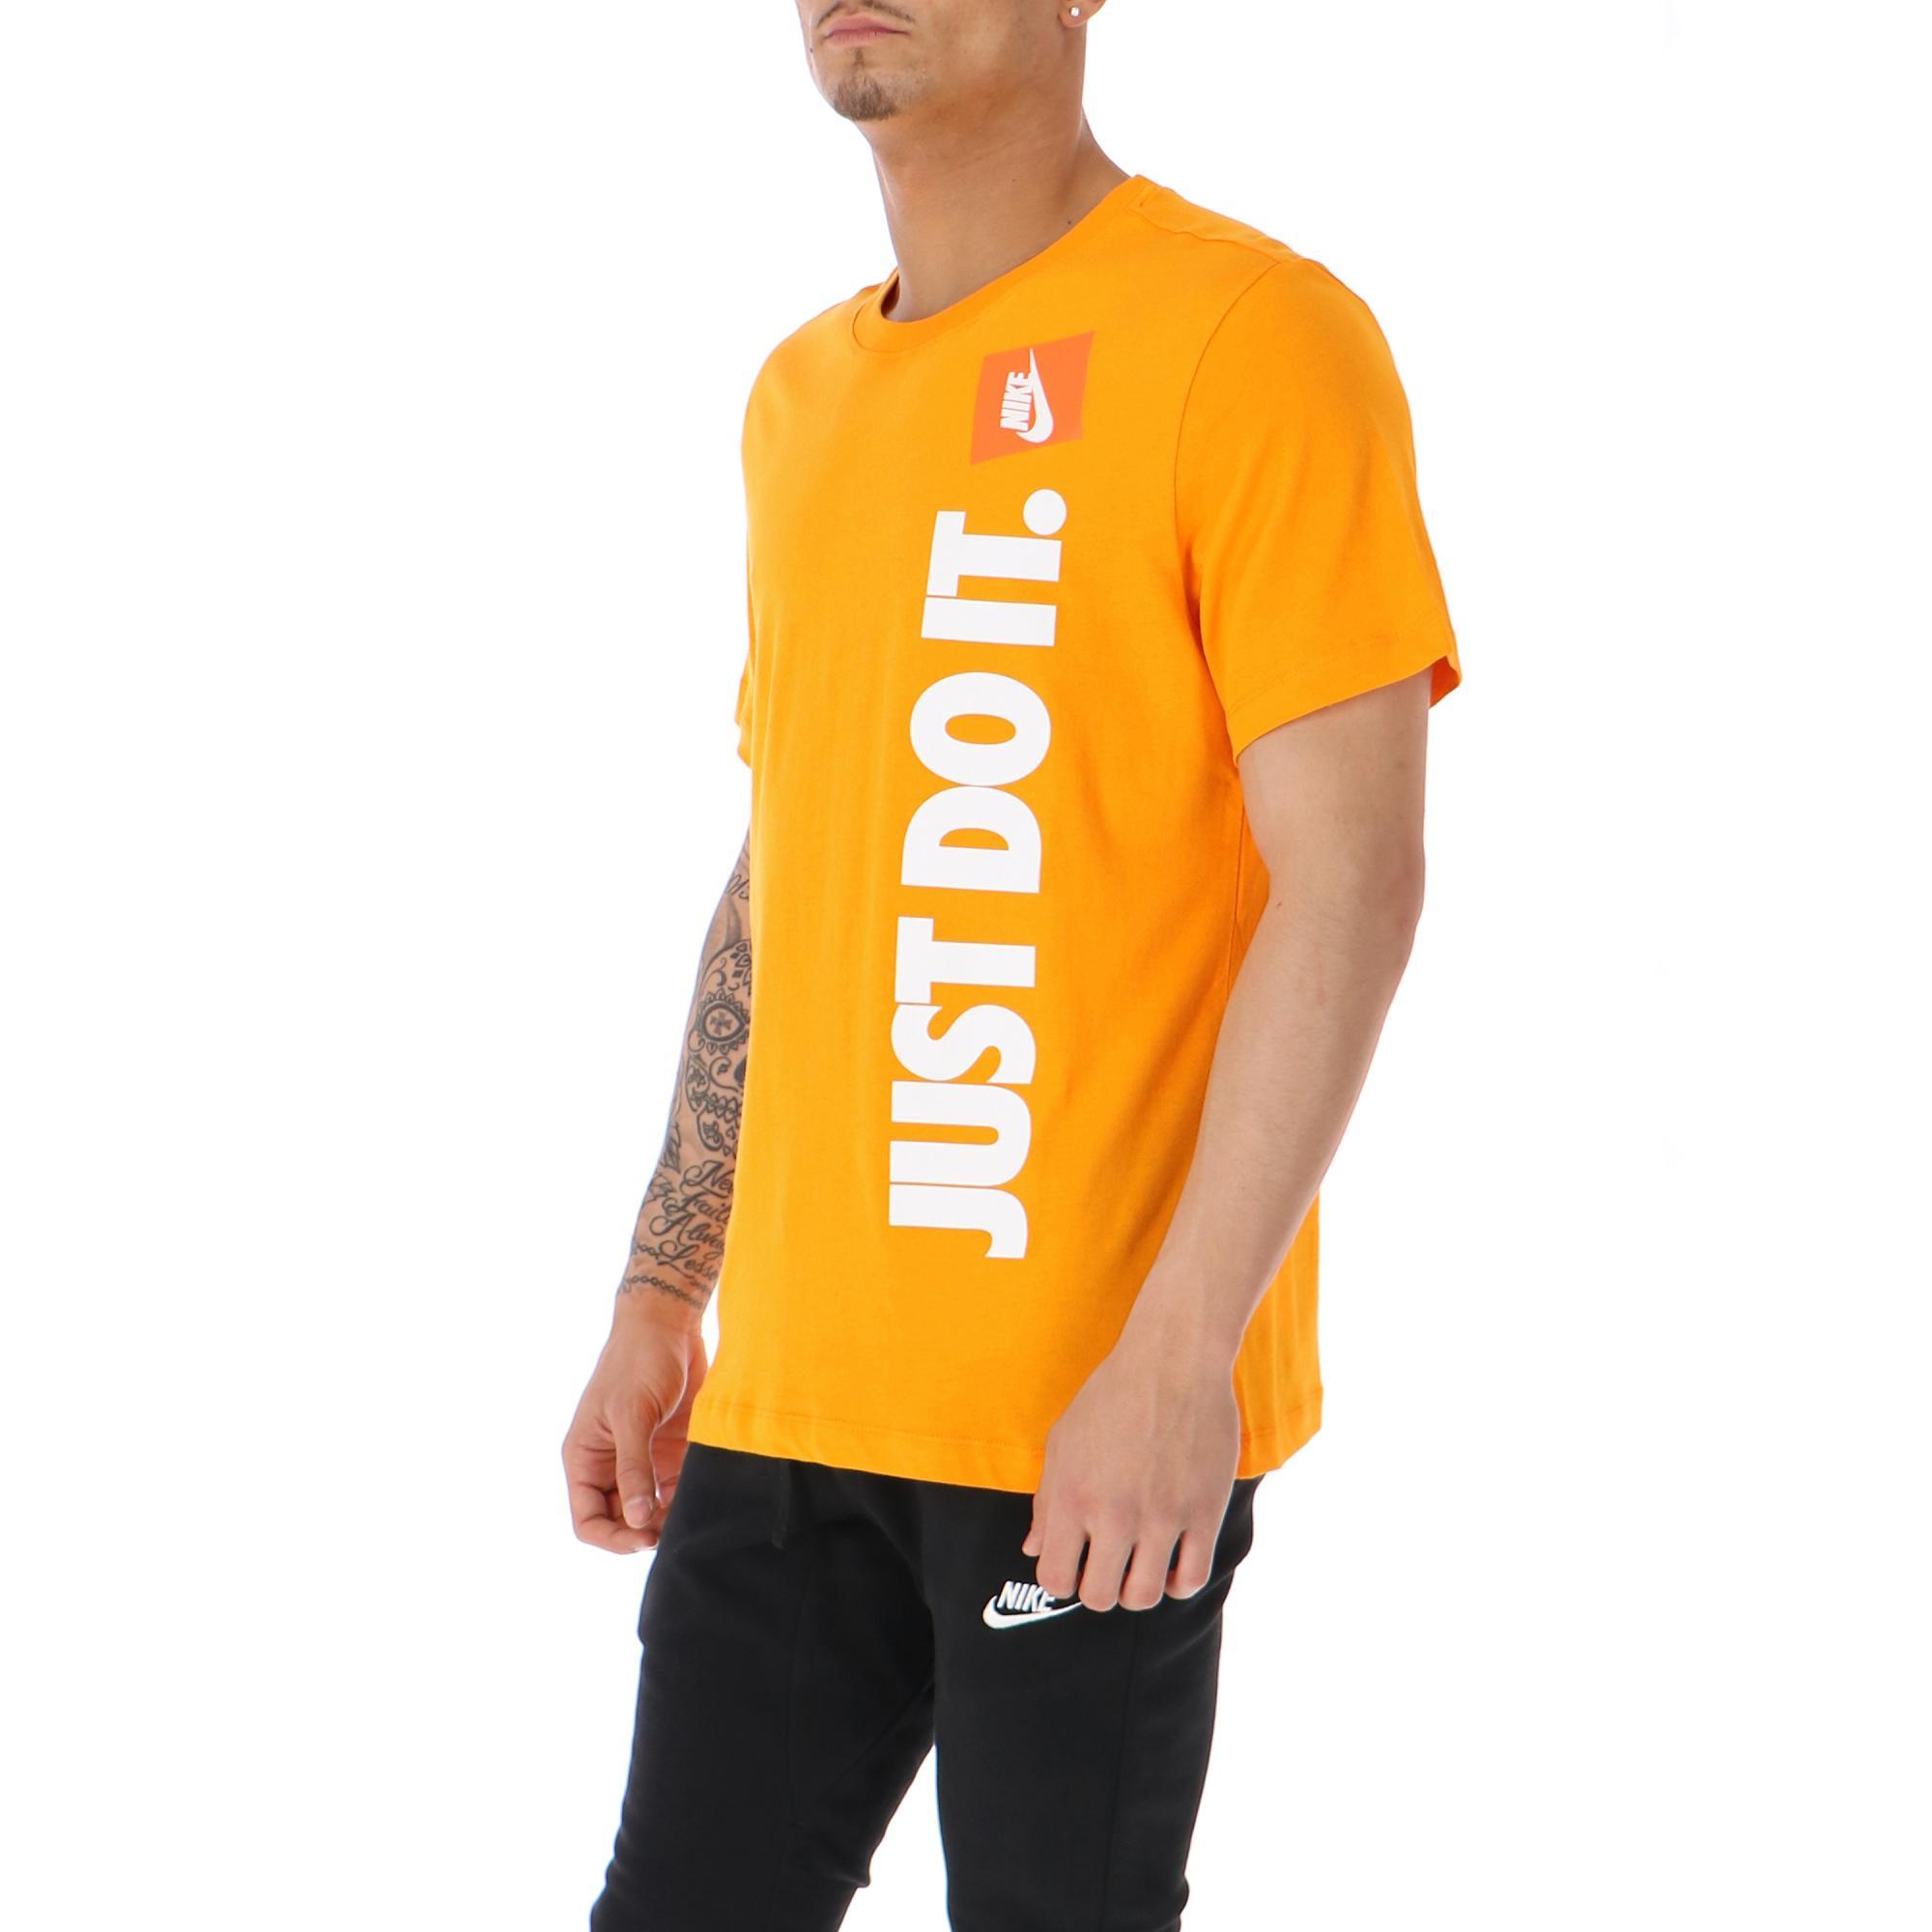 Nike Just Do It Tee Orange peel light cream